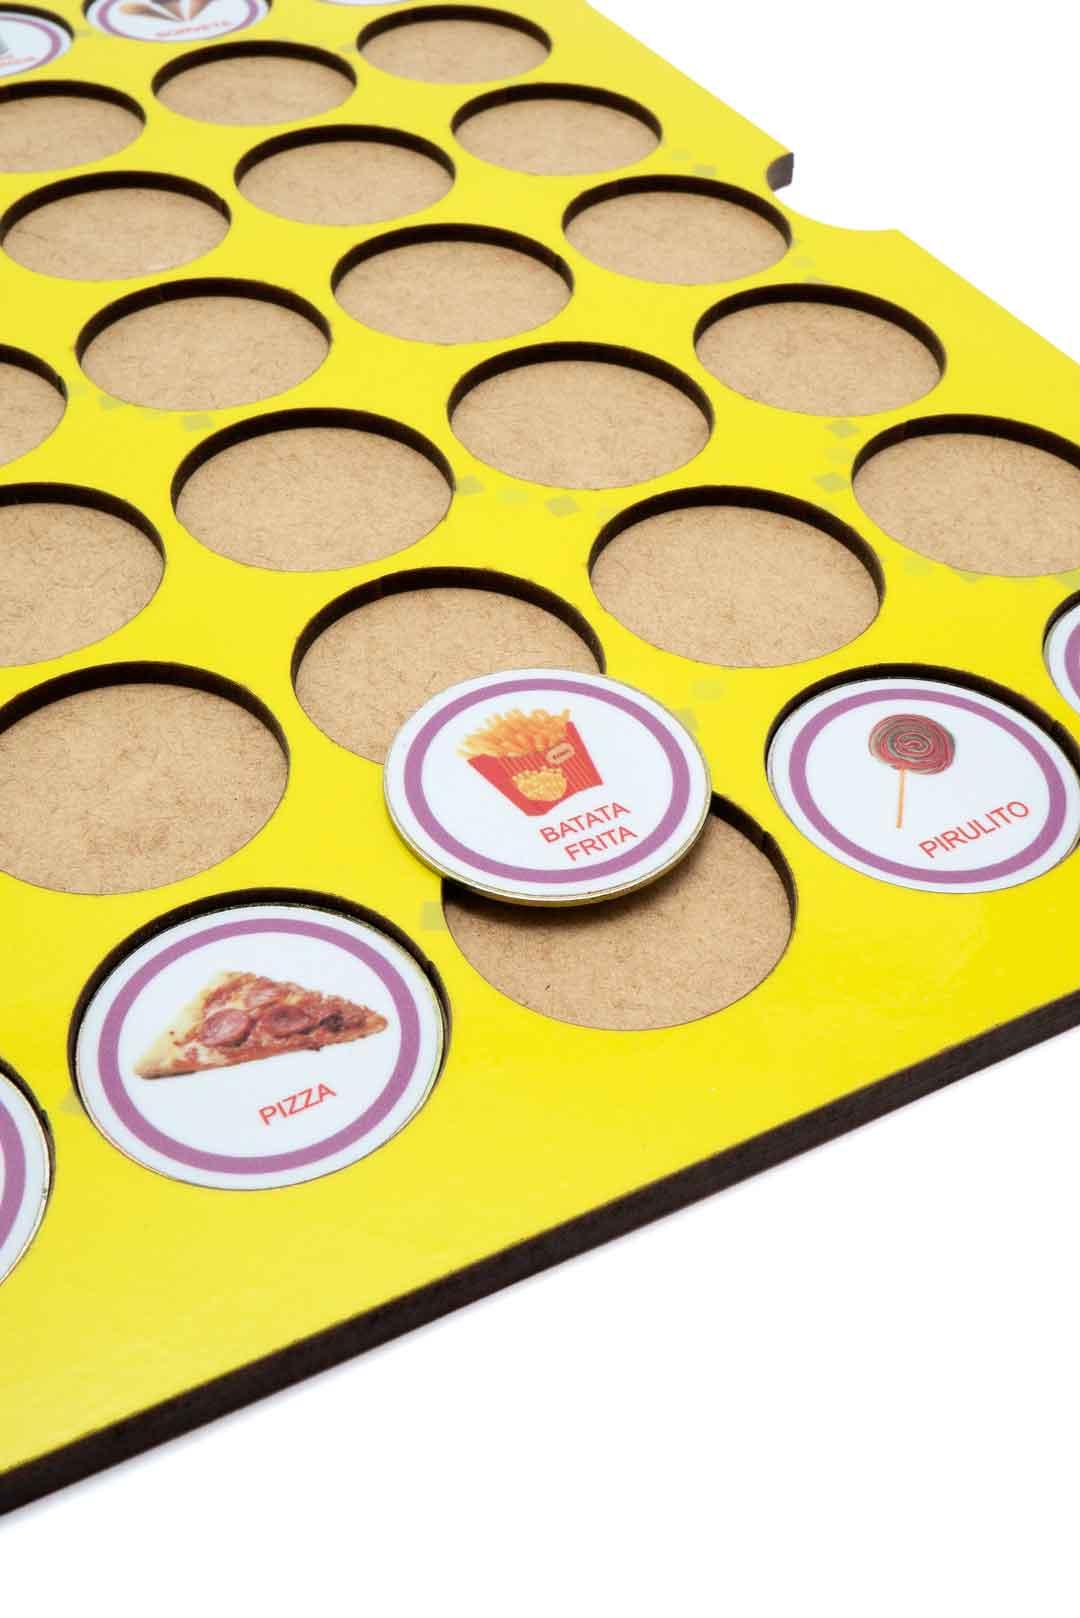 Organizador de alimentos avulsos  - Divertimente